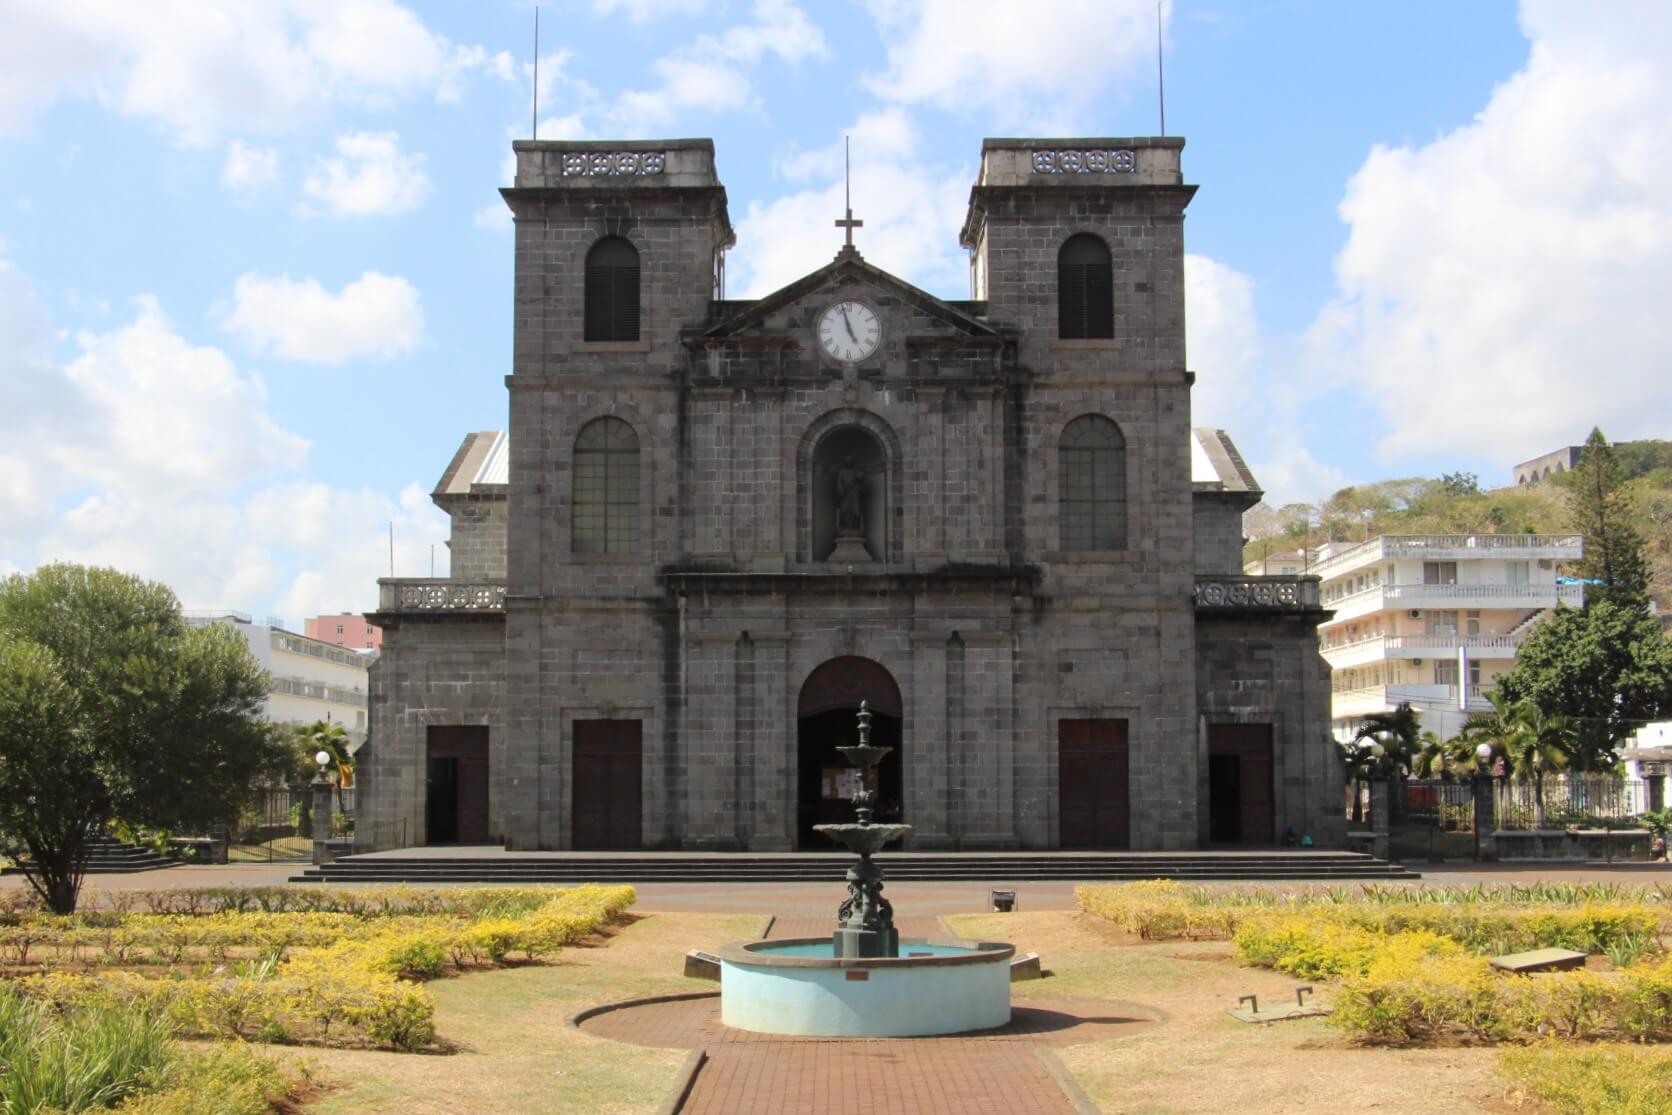 La cathédrale de Port-louis